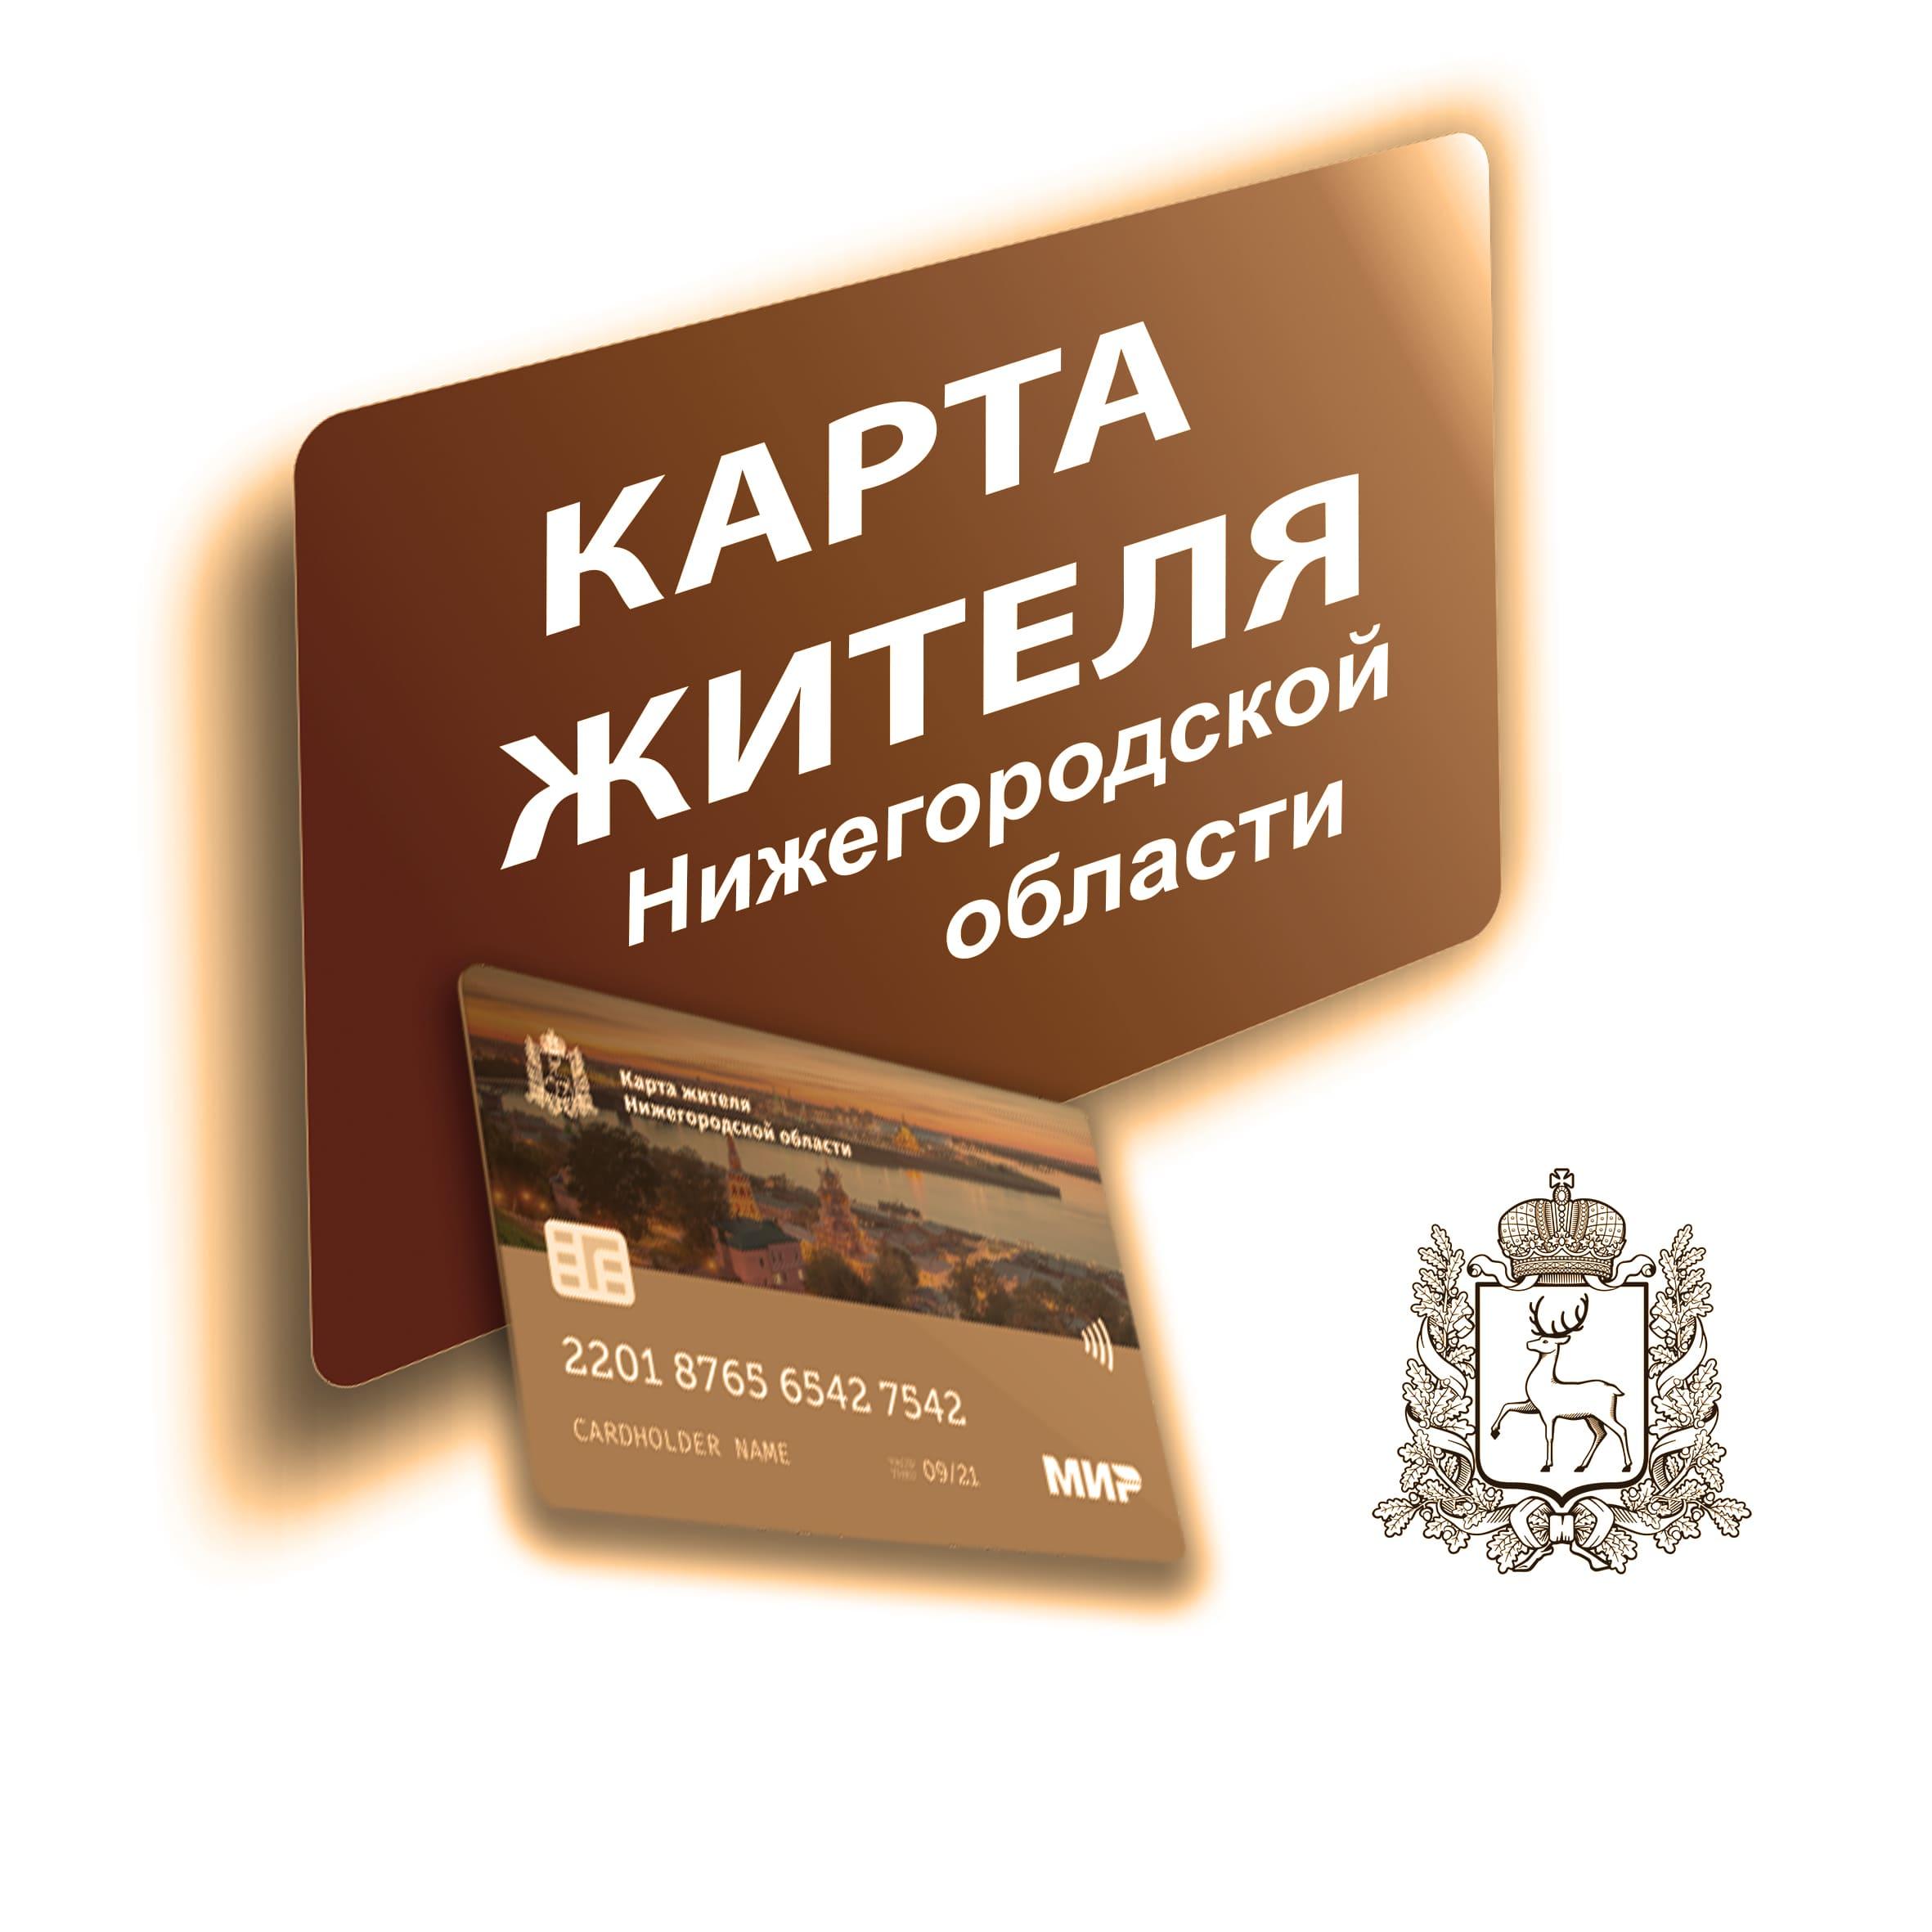 karta-zhitelya-nizhegorodskoj-oblasti.jpg